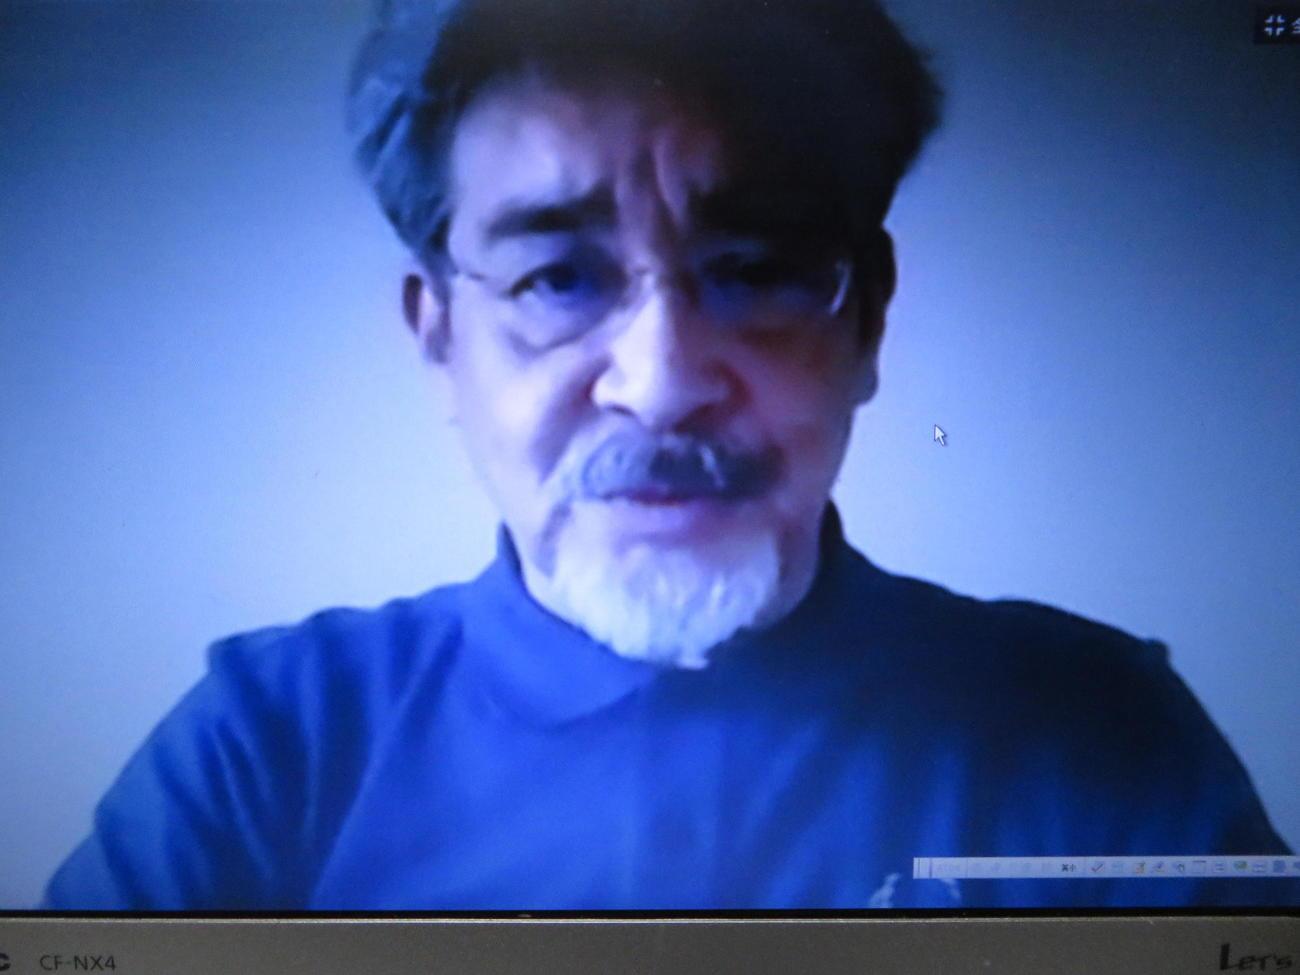 オンラインで会見した日本車いすカーリング協会・浪岡正行強化委員長